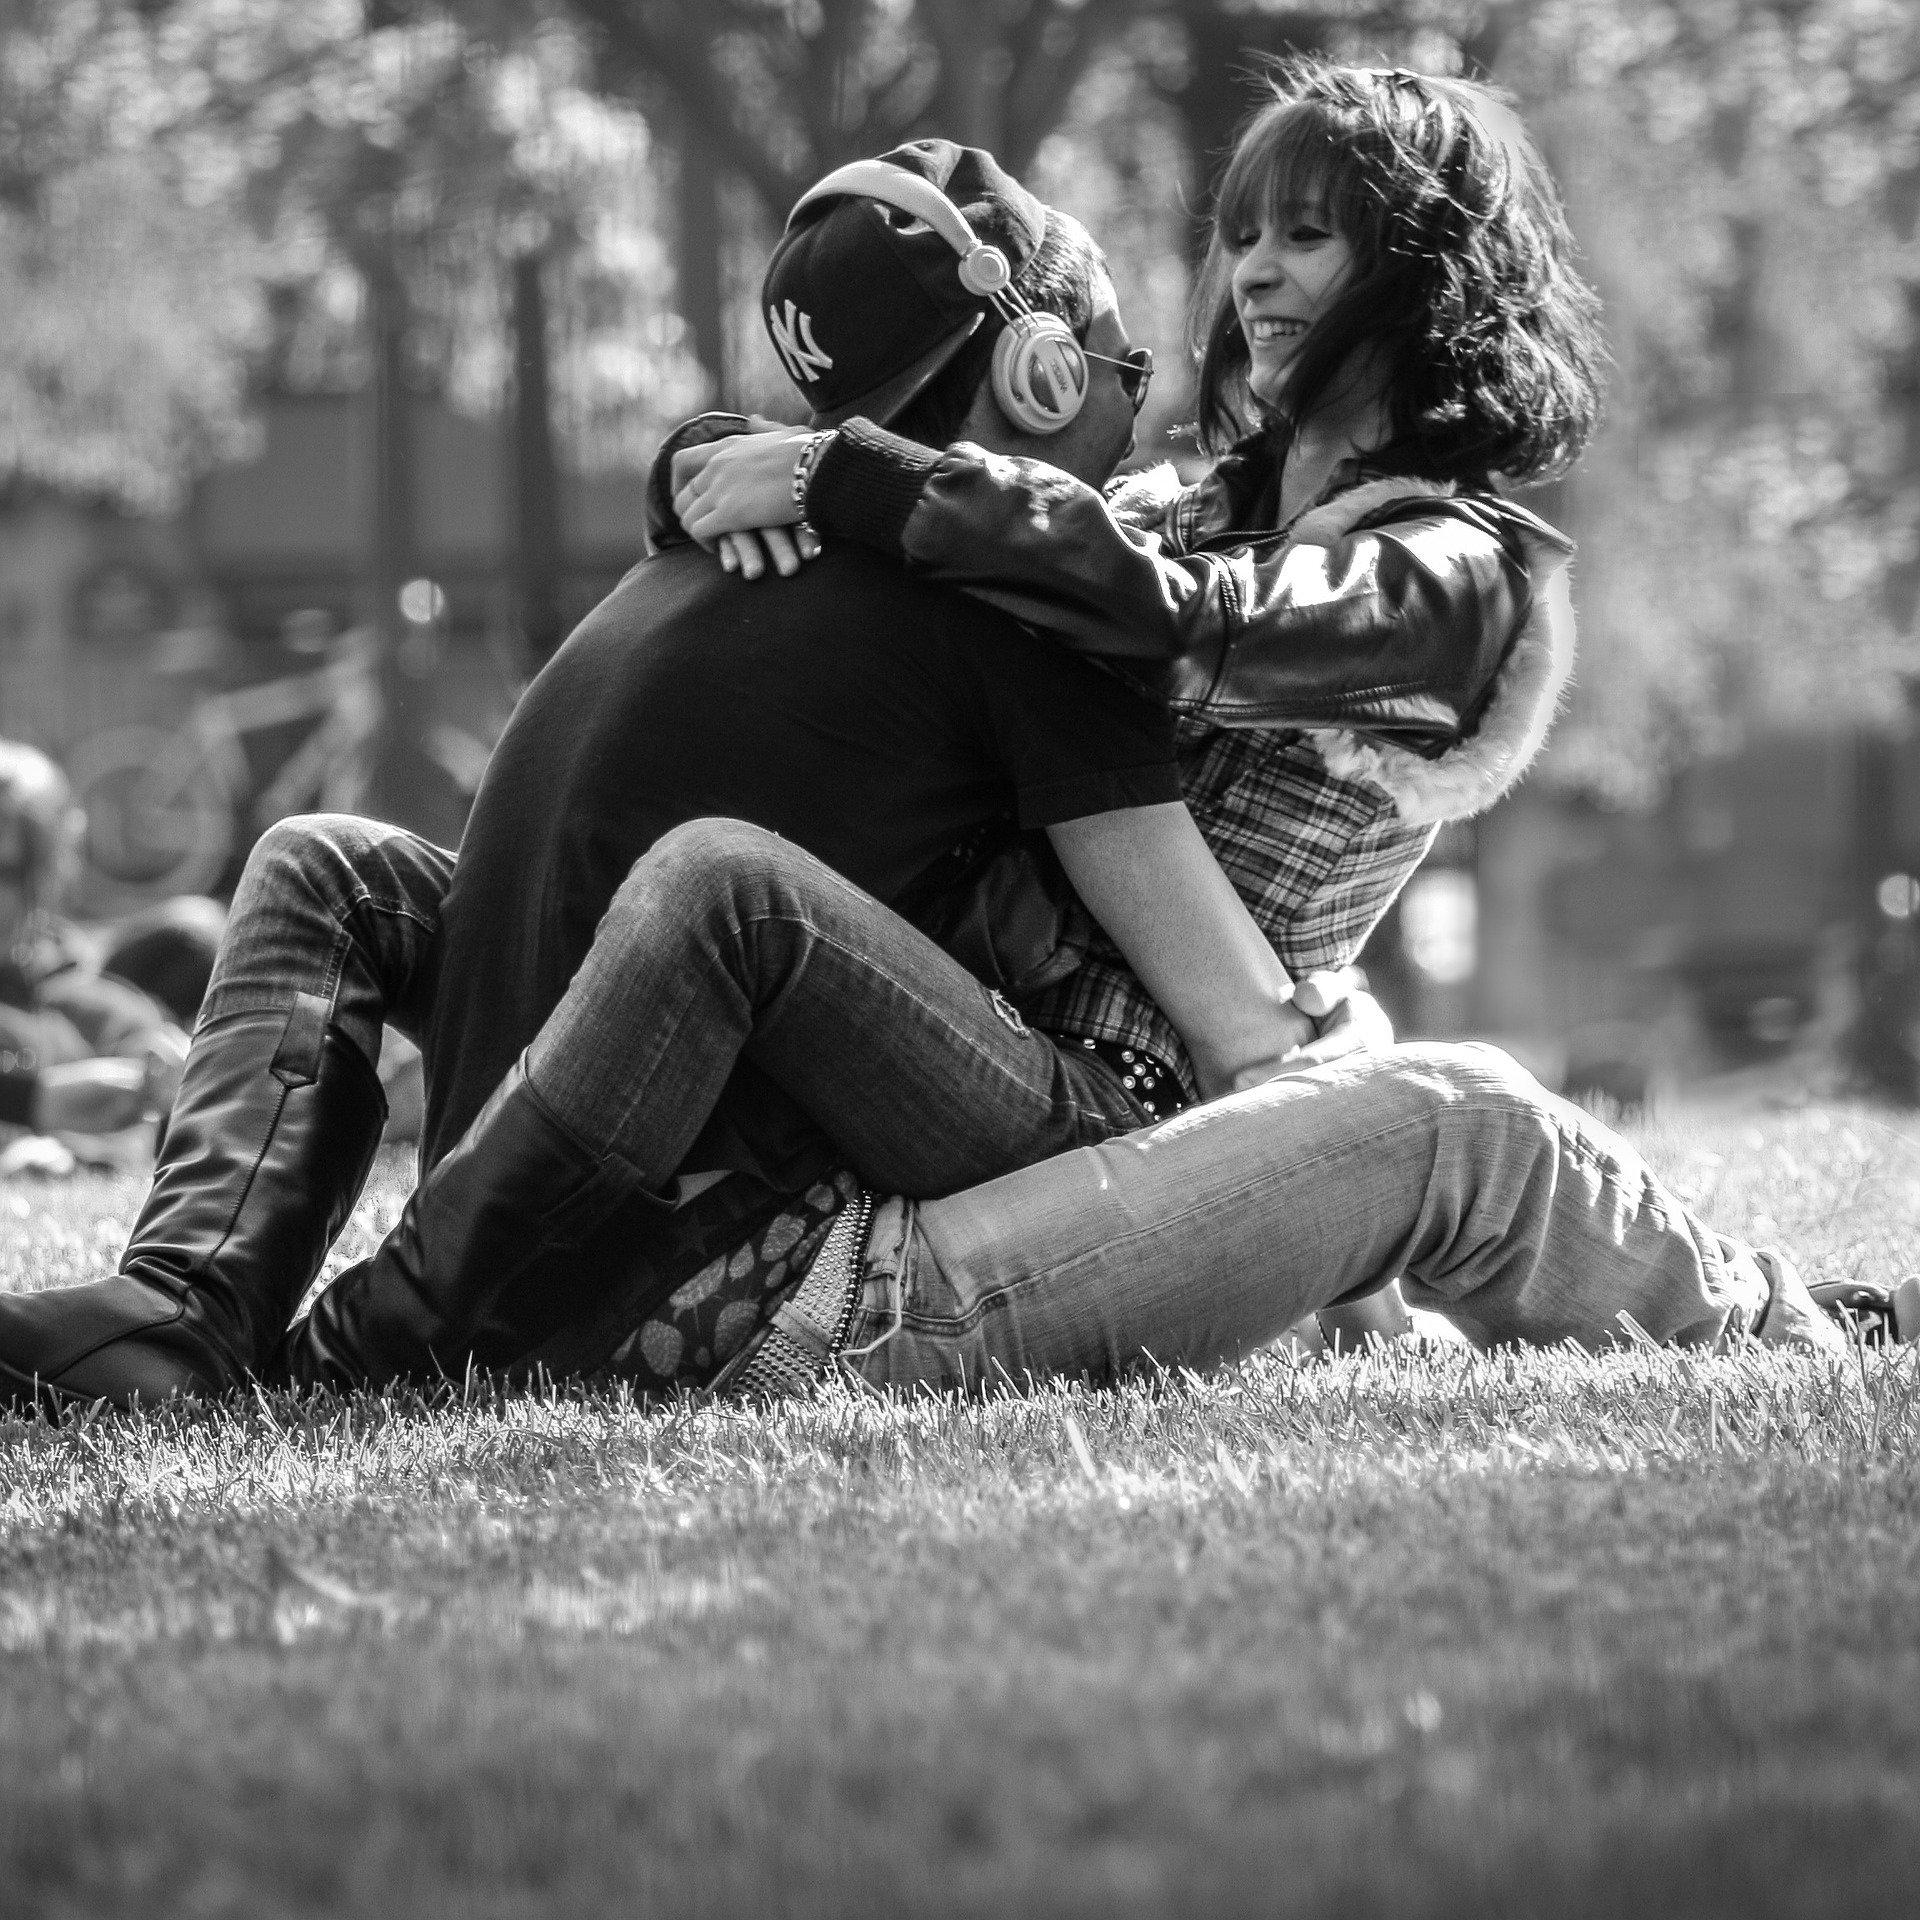 離婚してでも一緒になりたい女には特徴がある!既婚男性を虜にする女性になる極意